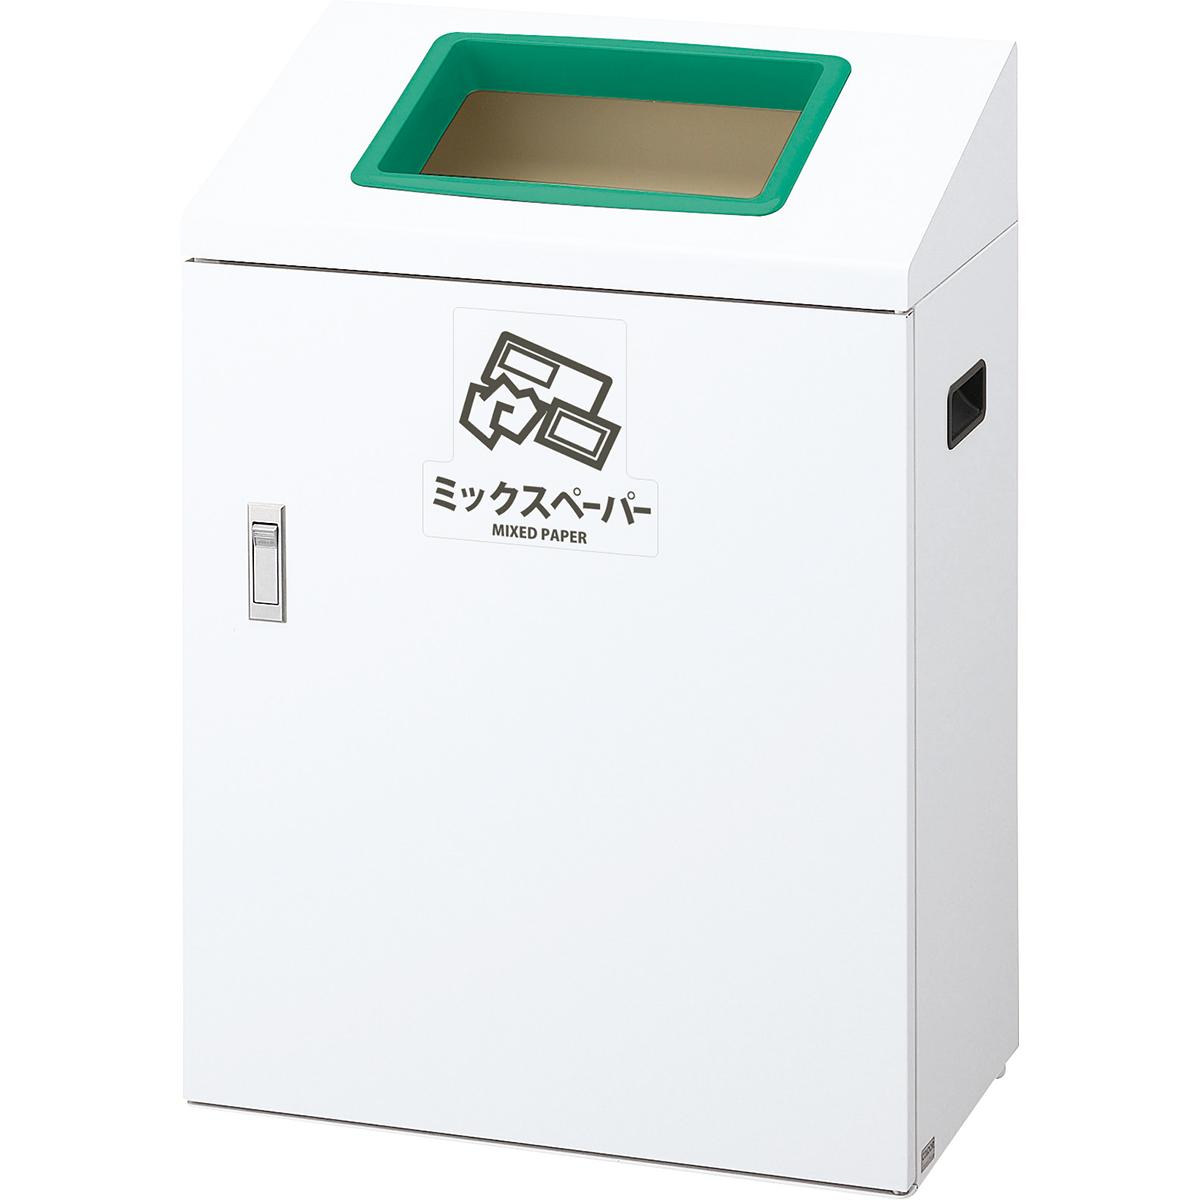 山崎産業 リサイクルボックス YI-50 50L 再利用紙/G(緑) (代引不可) YW-429L-ID